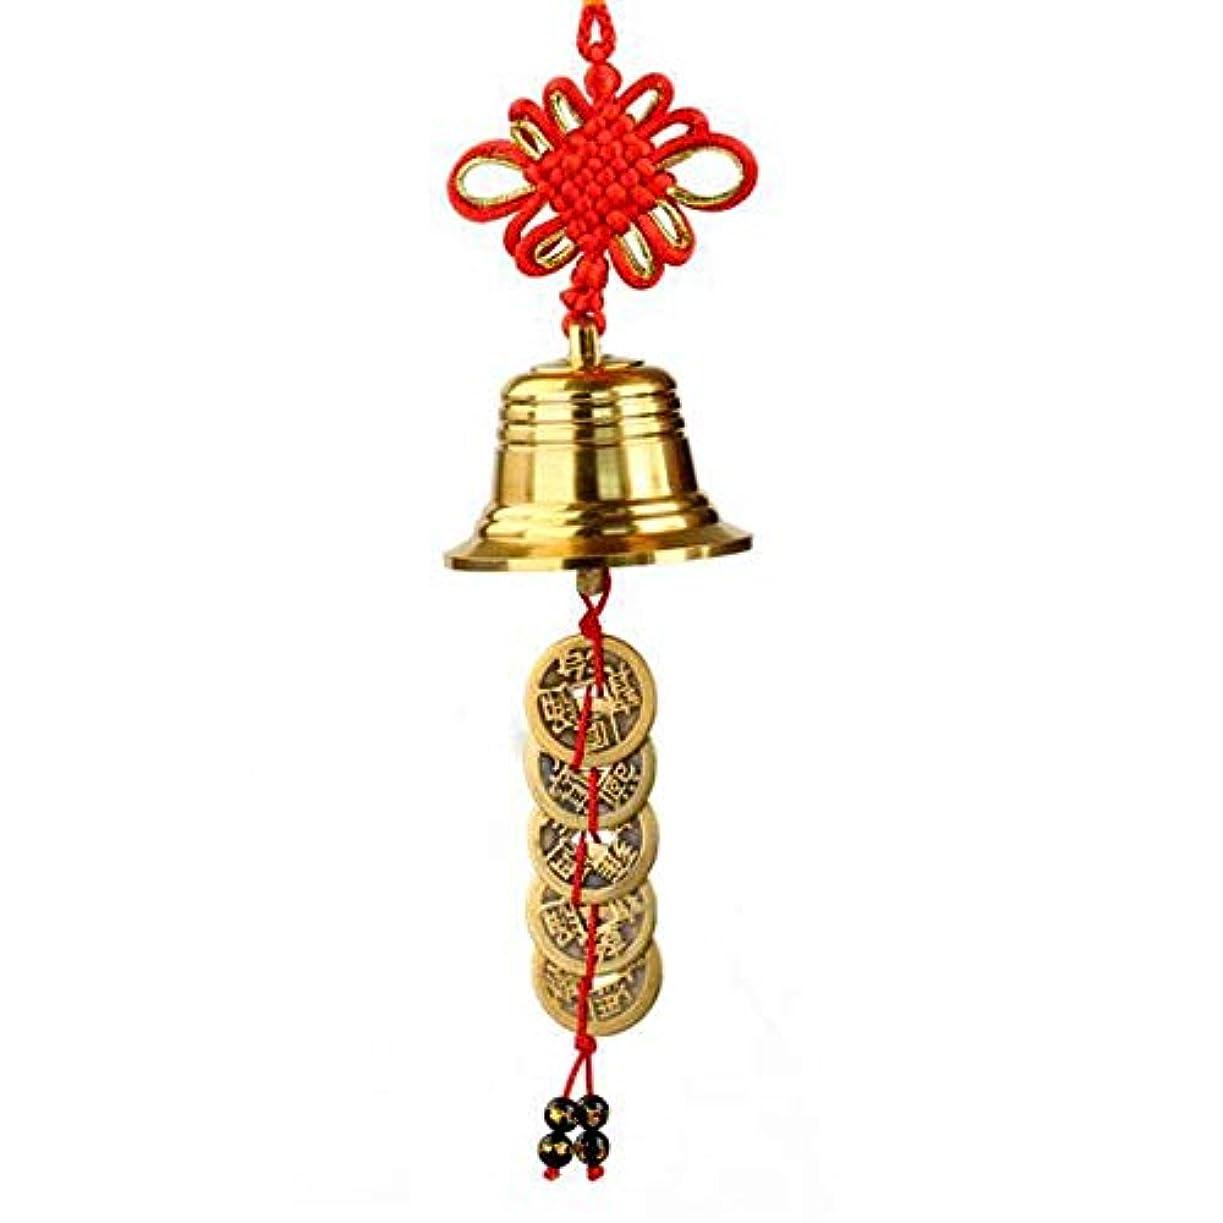 姓後退するクリエイティブKaiyitong01 風チャイム、中国のノット銅ベルホームデコレーション、ゴールド、サイズ28センチメートル,絶妙なファッション (Size : 28*5cm)